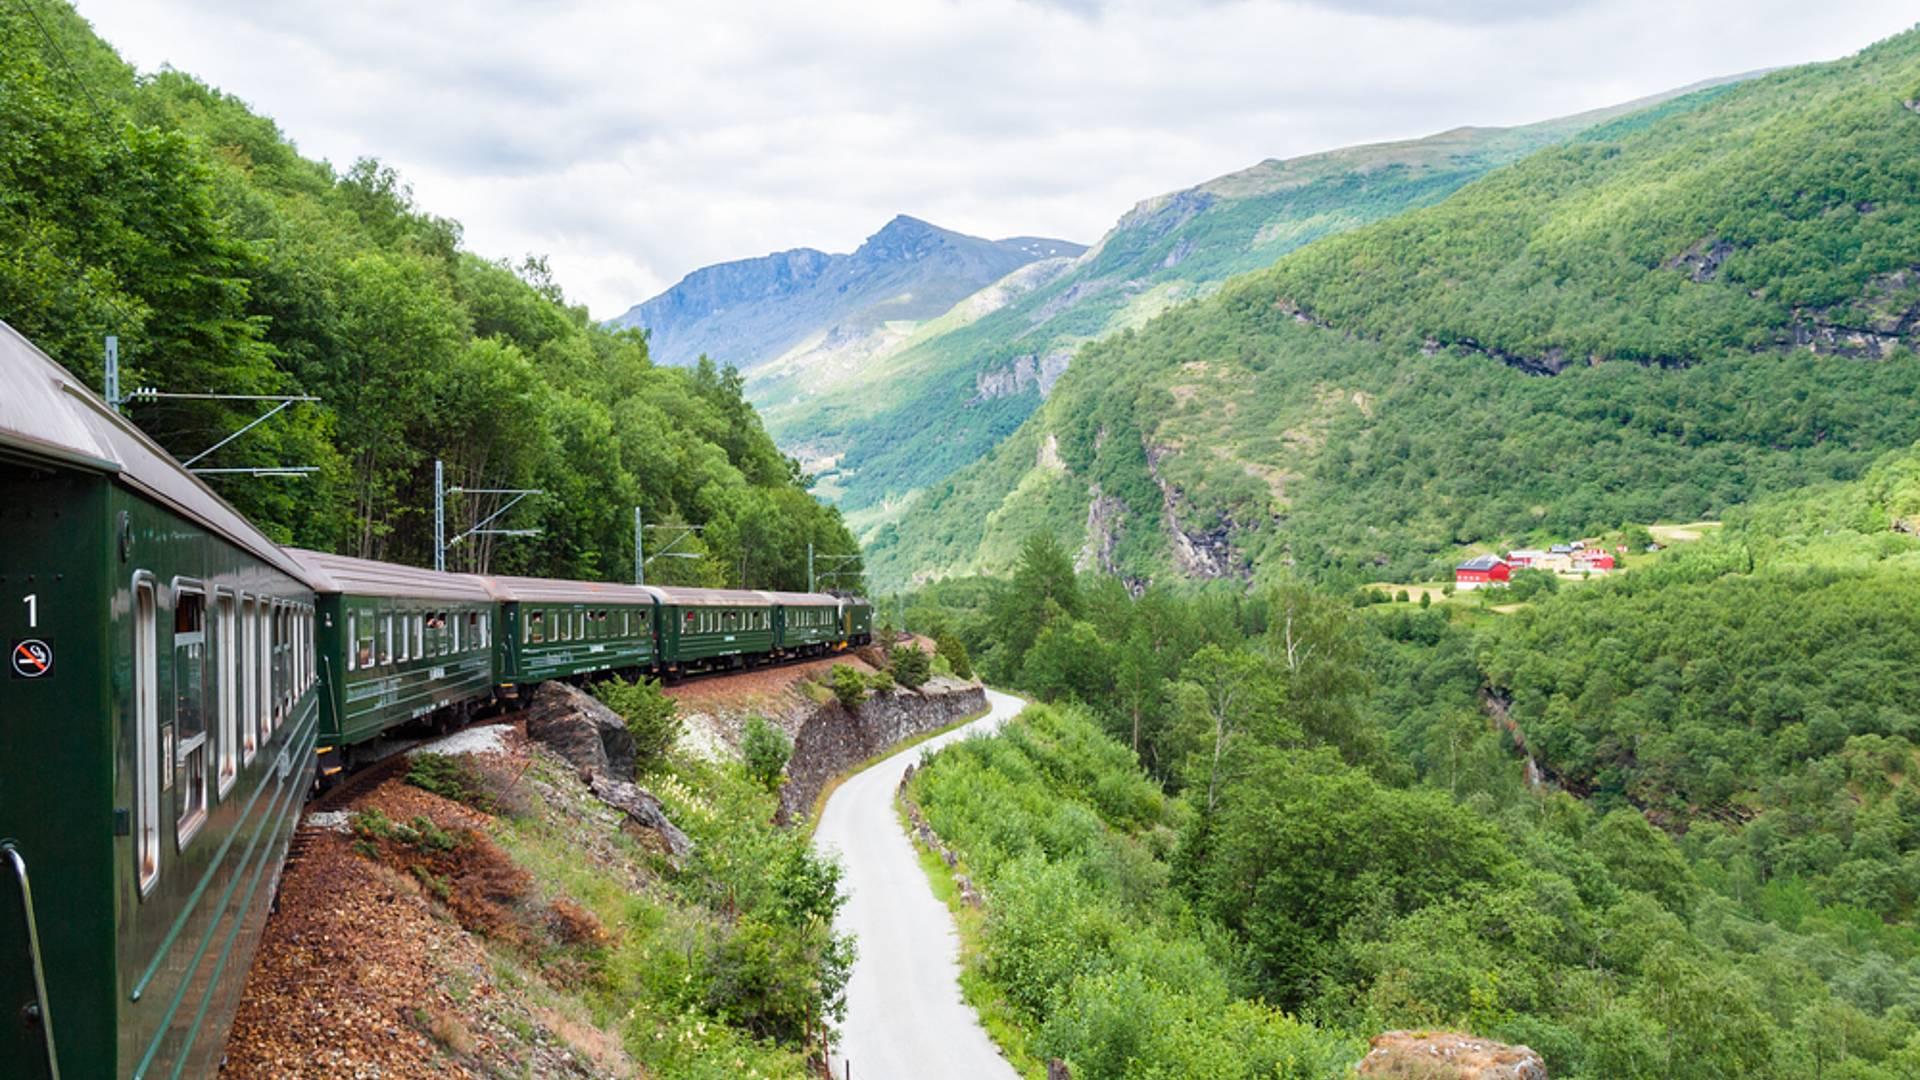 Luxuriöse Reise mit Bahn und Fähre durch das Land